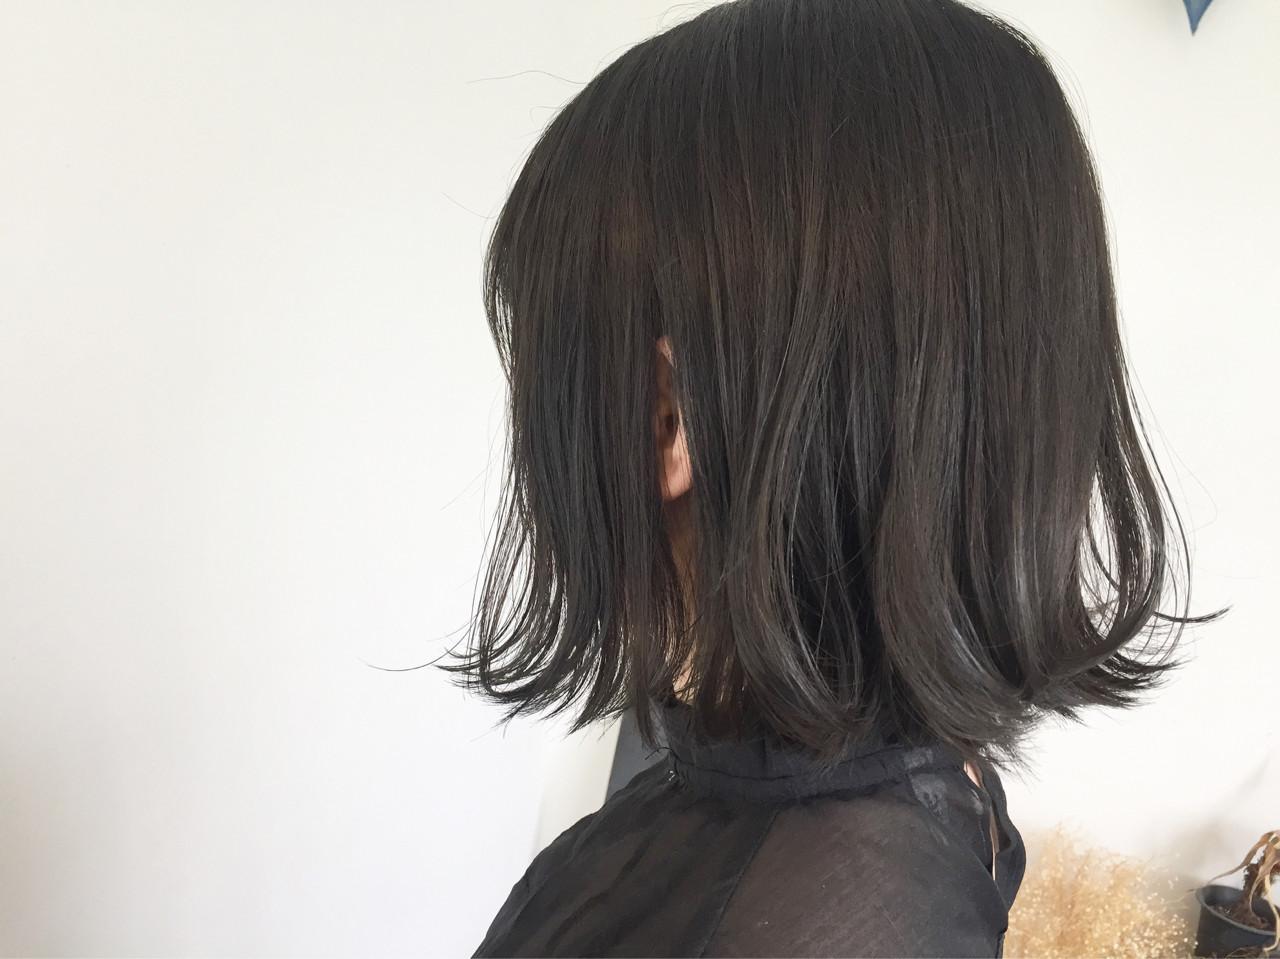 暗髪 ウェーブ グレージュ アンニュイヘアスタイルや髪型の写真・画像